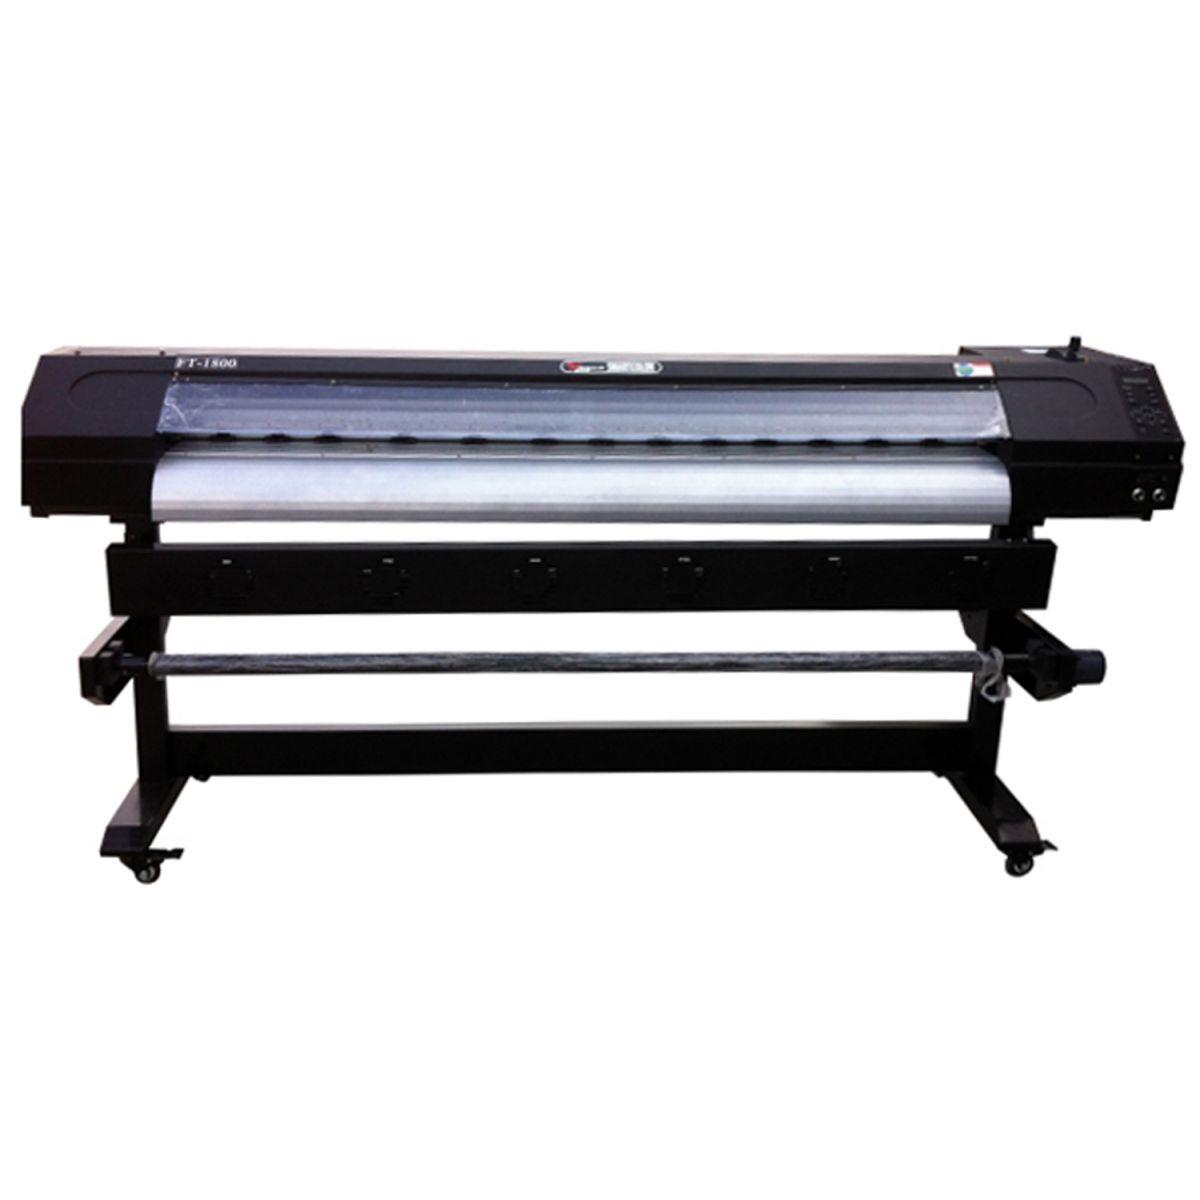 Plotter de Impress�o Digital 1,80m Eco Solvente Cabe�a DX5